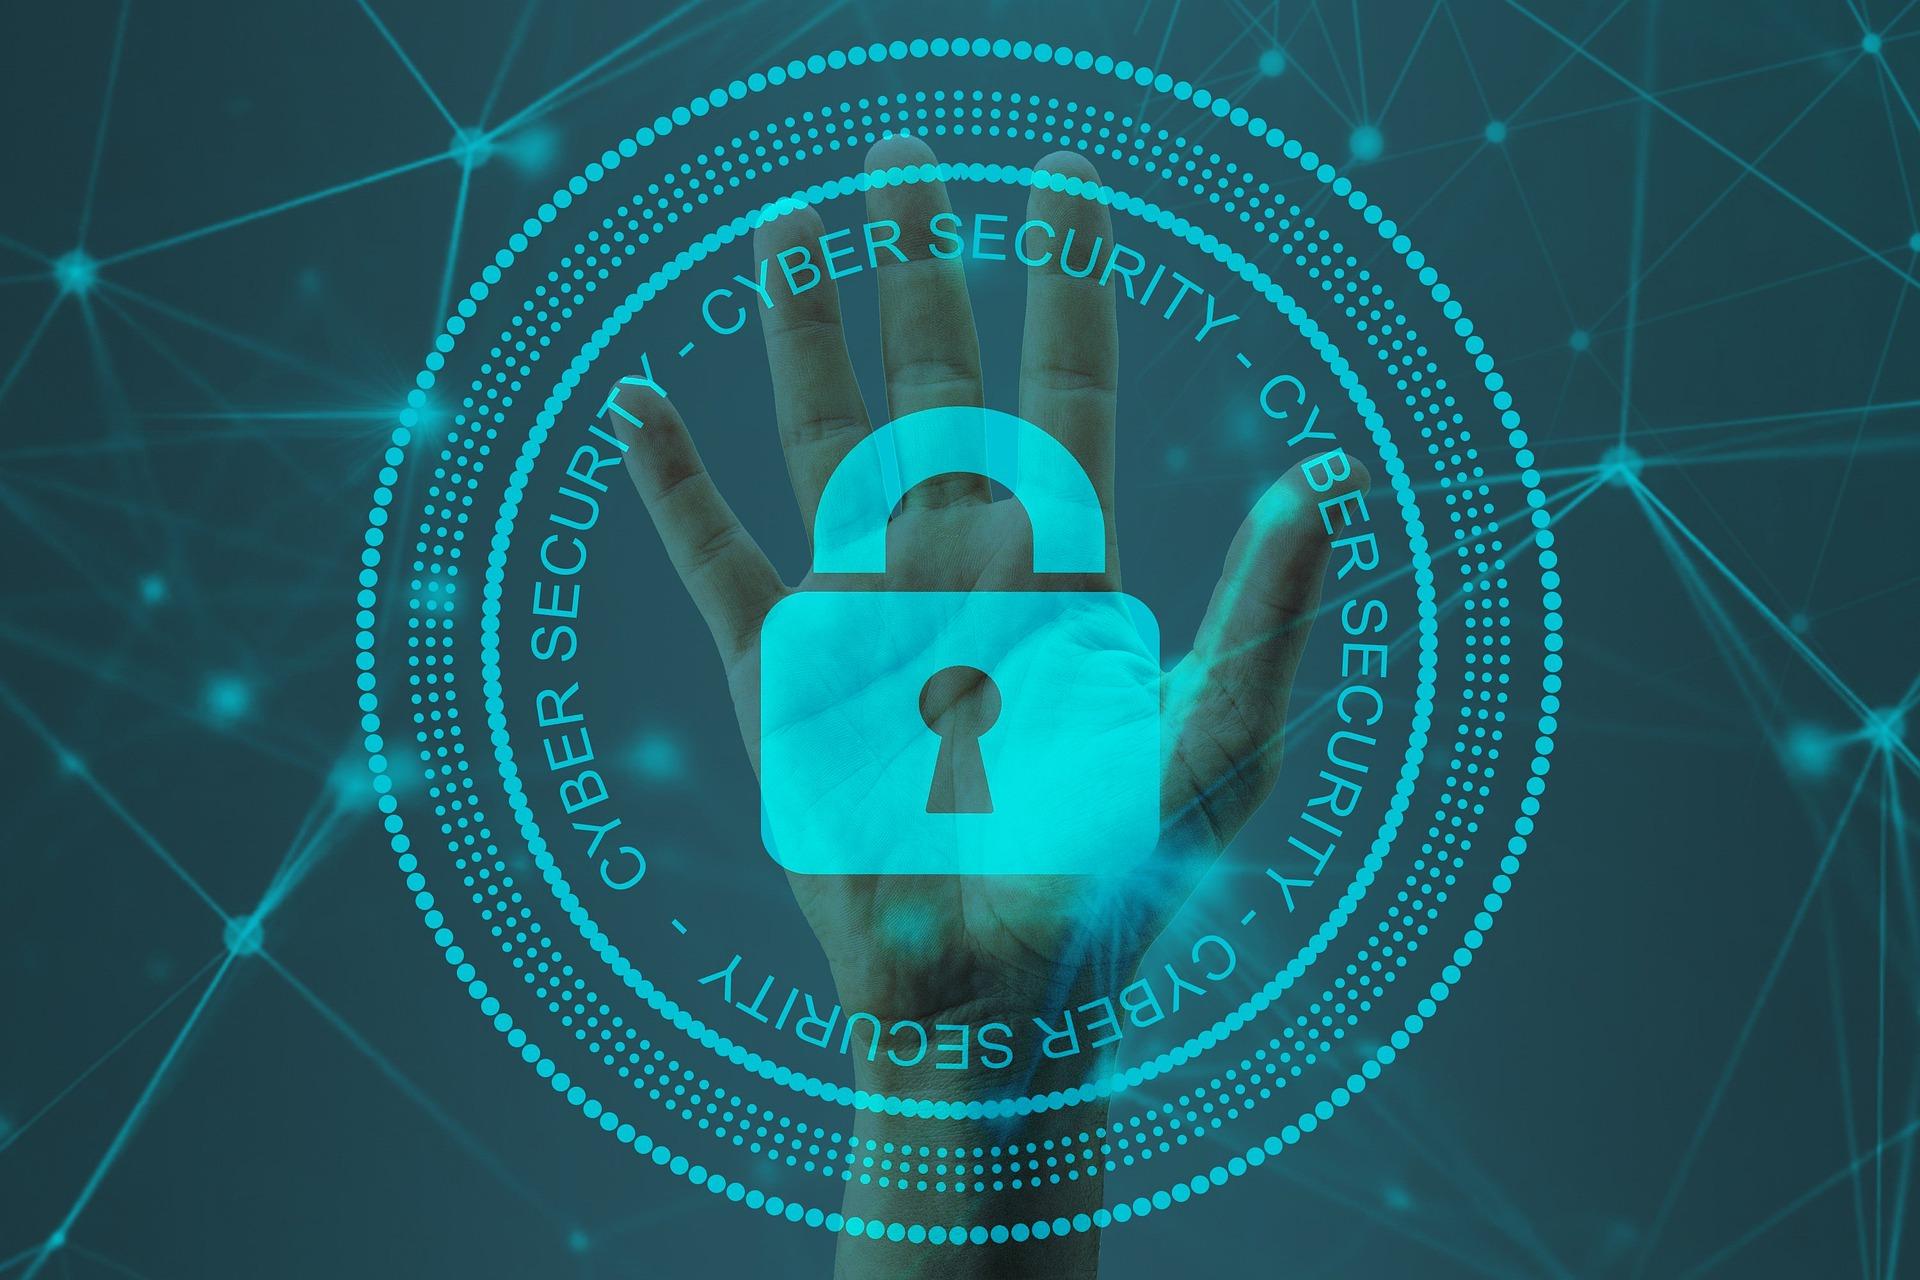 Políticas en ciberseguridad son necesarias: AmCham